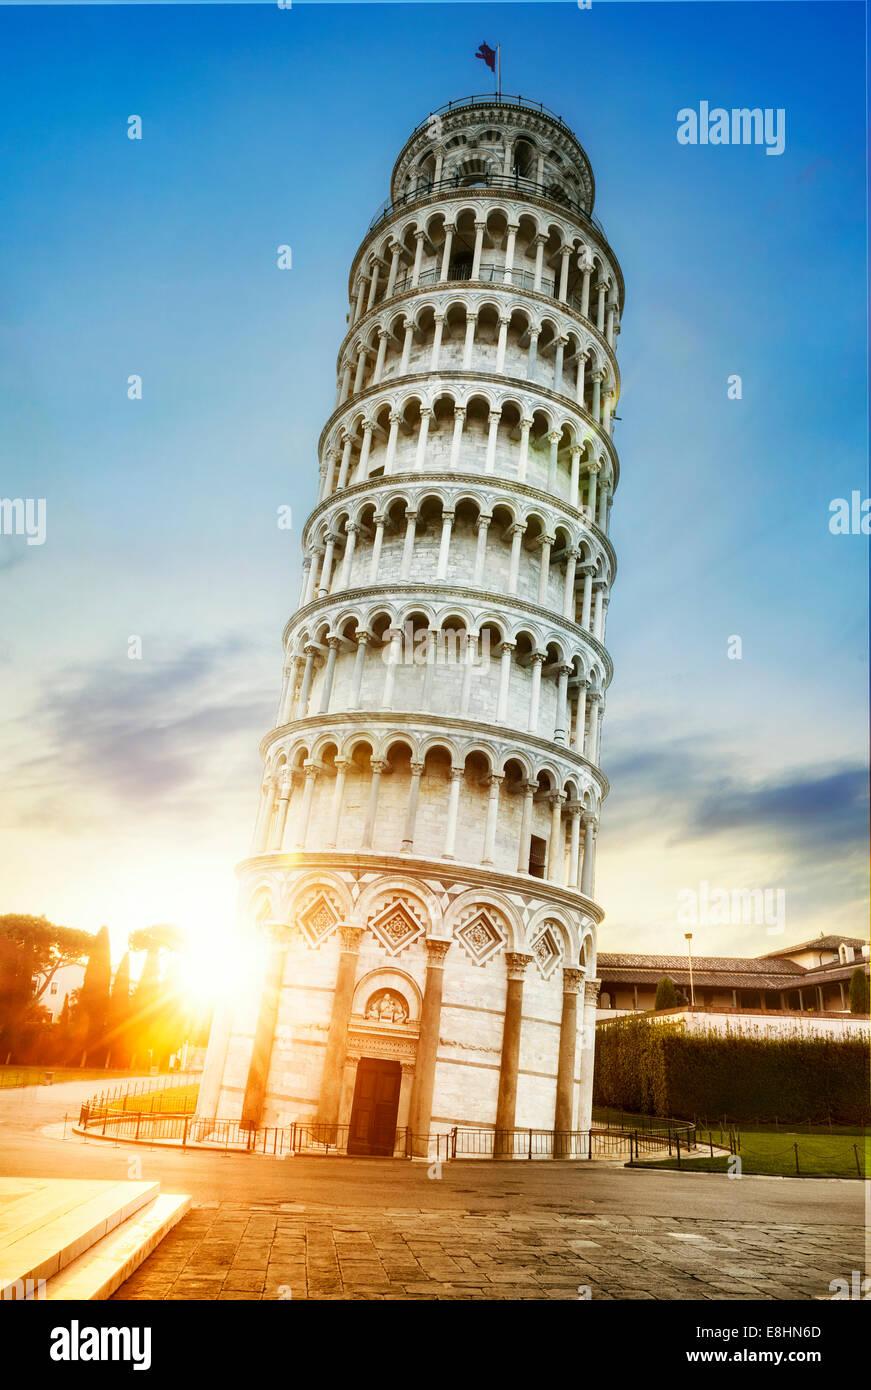 Pise, lieu de miracles: la tour penchée et le baptistère de la cathédrale, Toscane, Italie Photo Stock